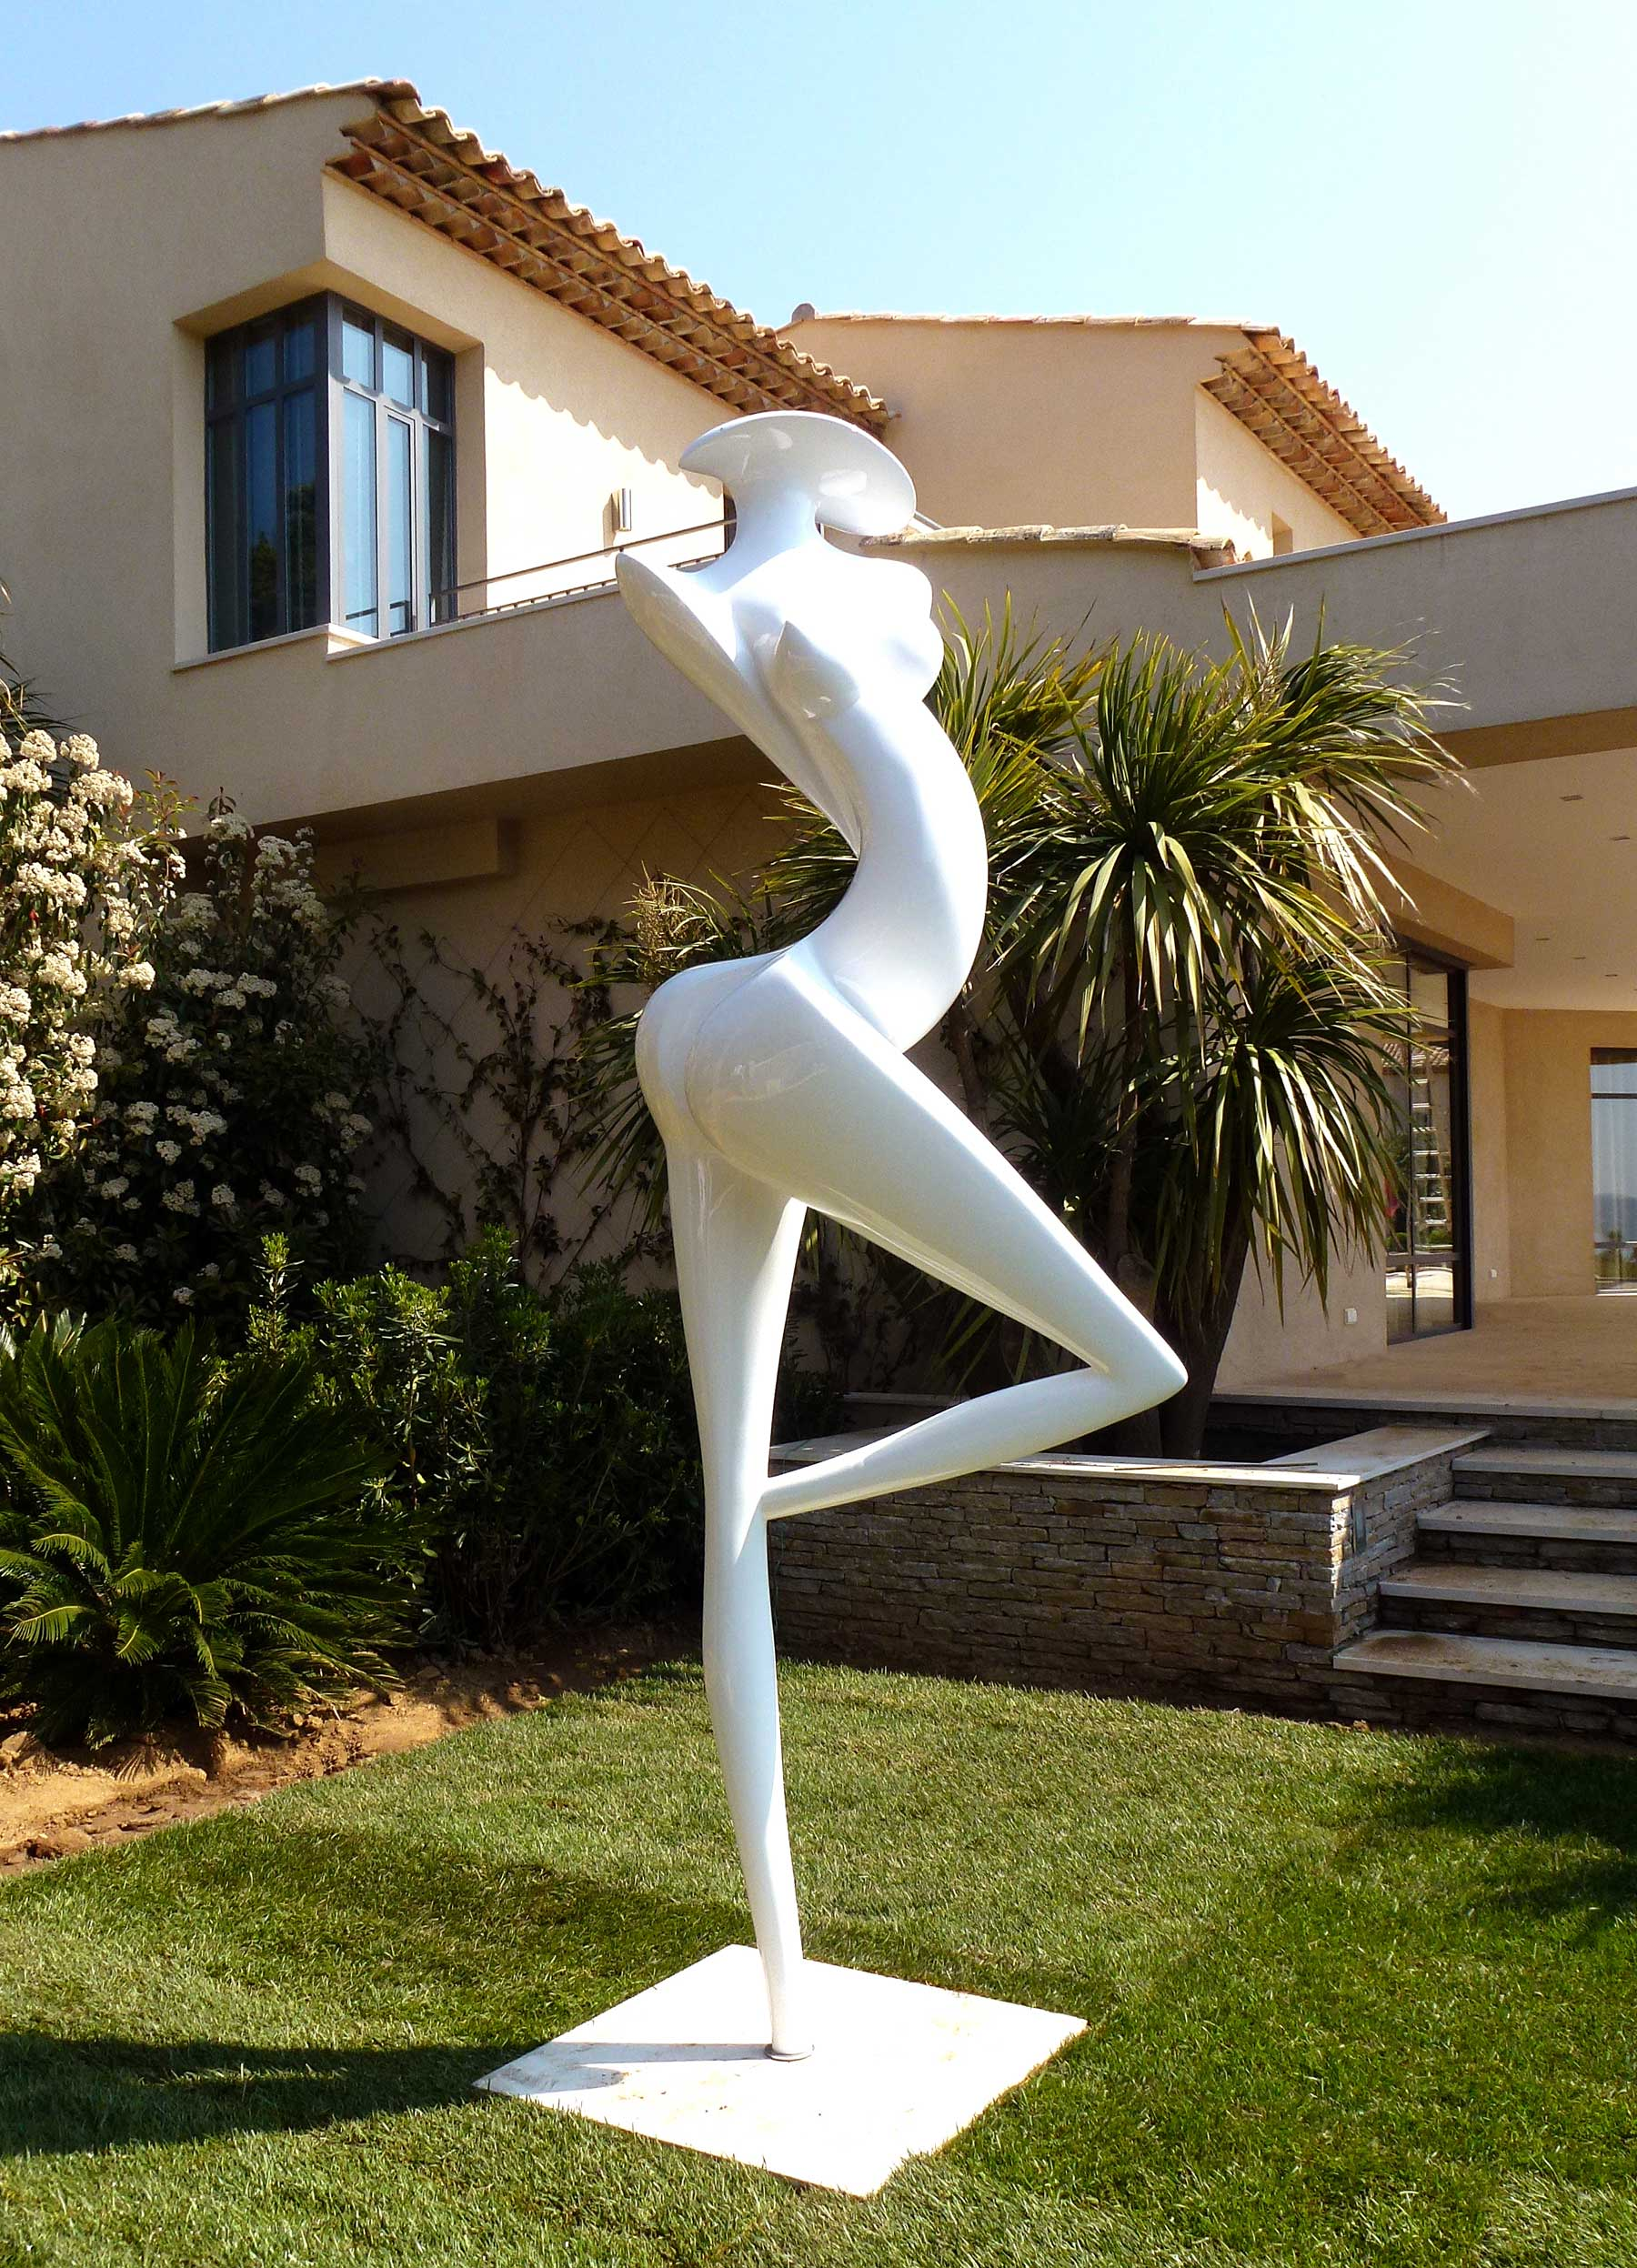 grande danseuse composite carbone sculpture contemporaine marion b rkle marion buerkle. Black Bedroom Furniture Sets. Home Design Ideas